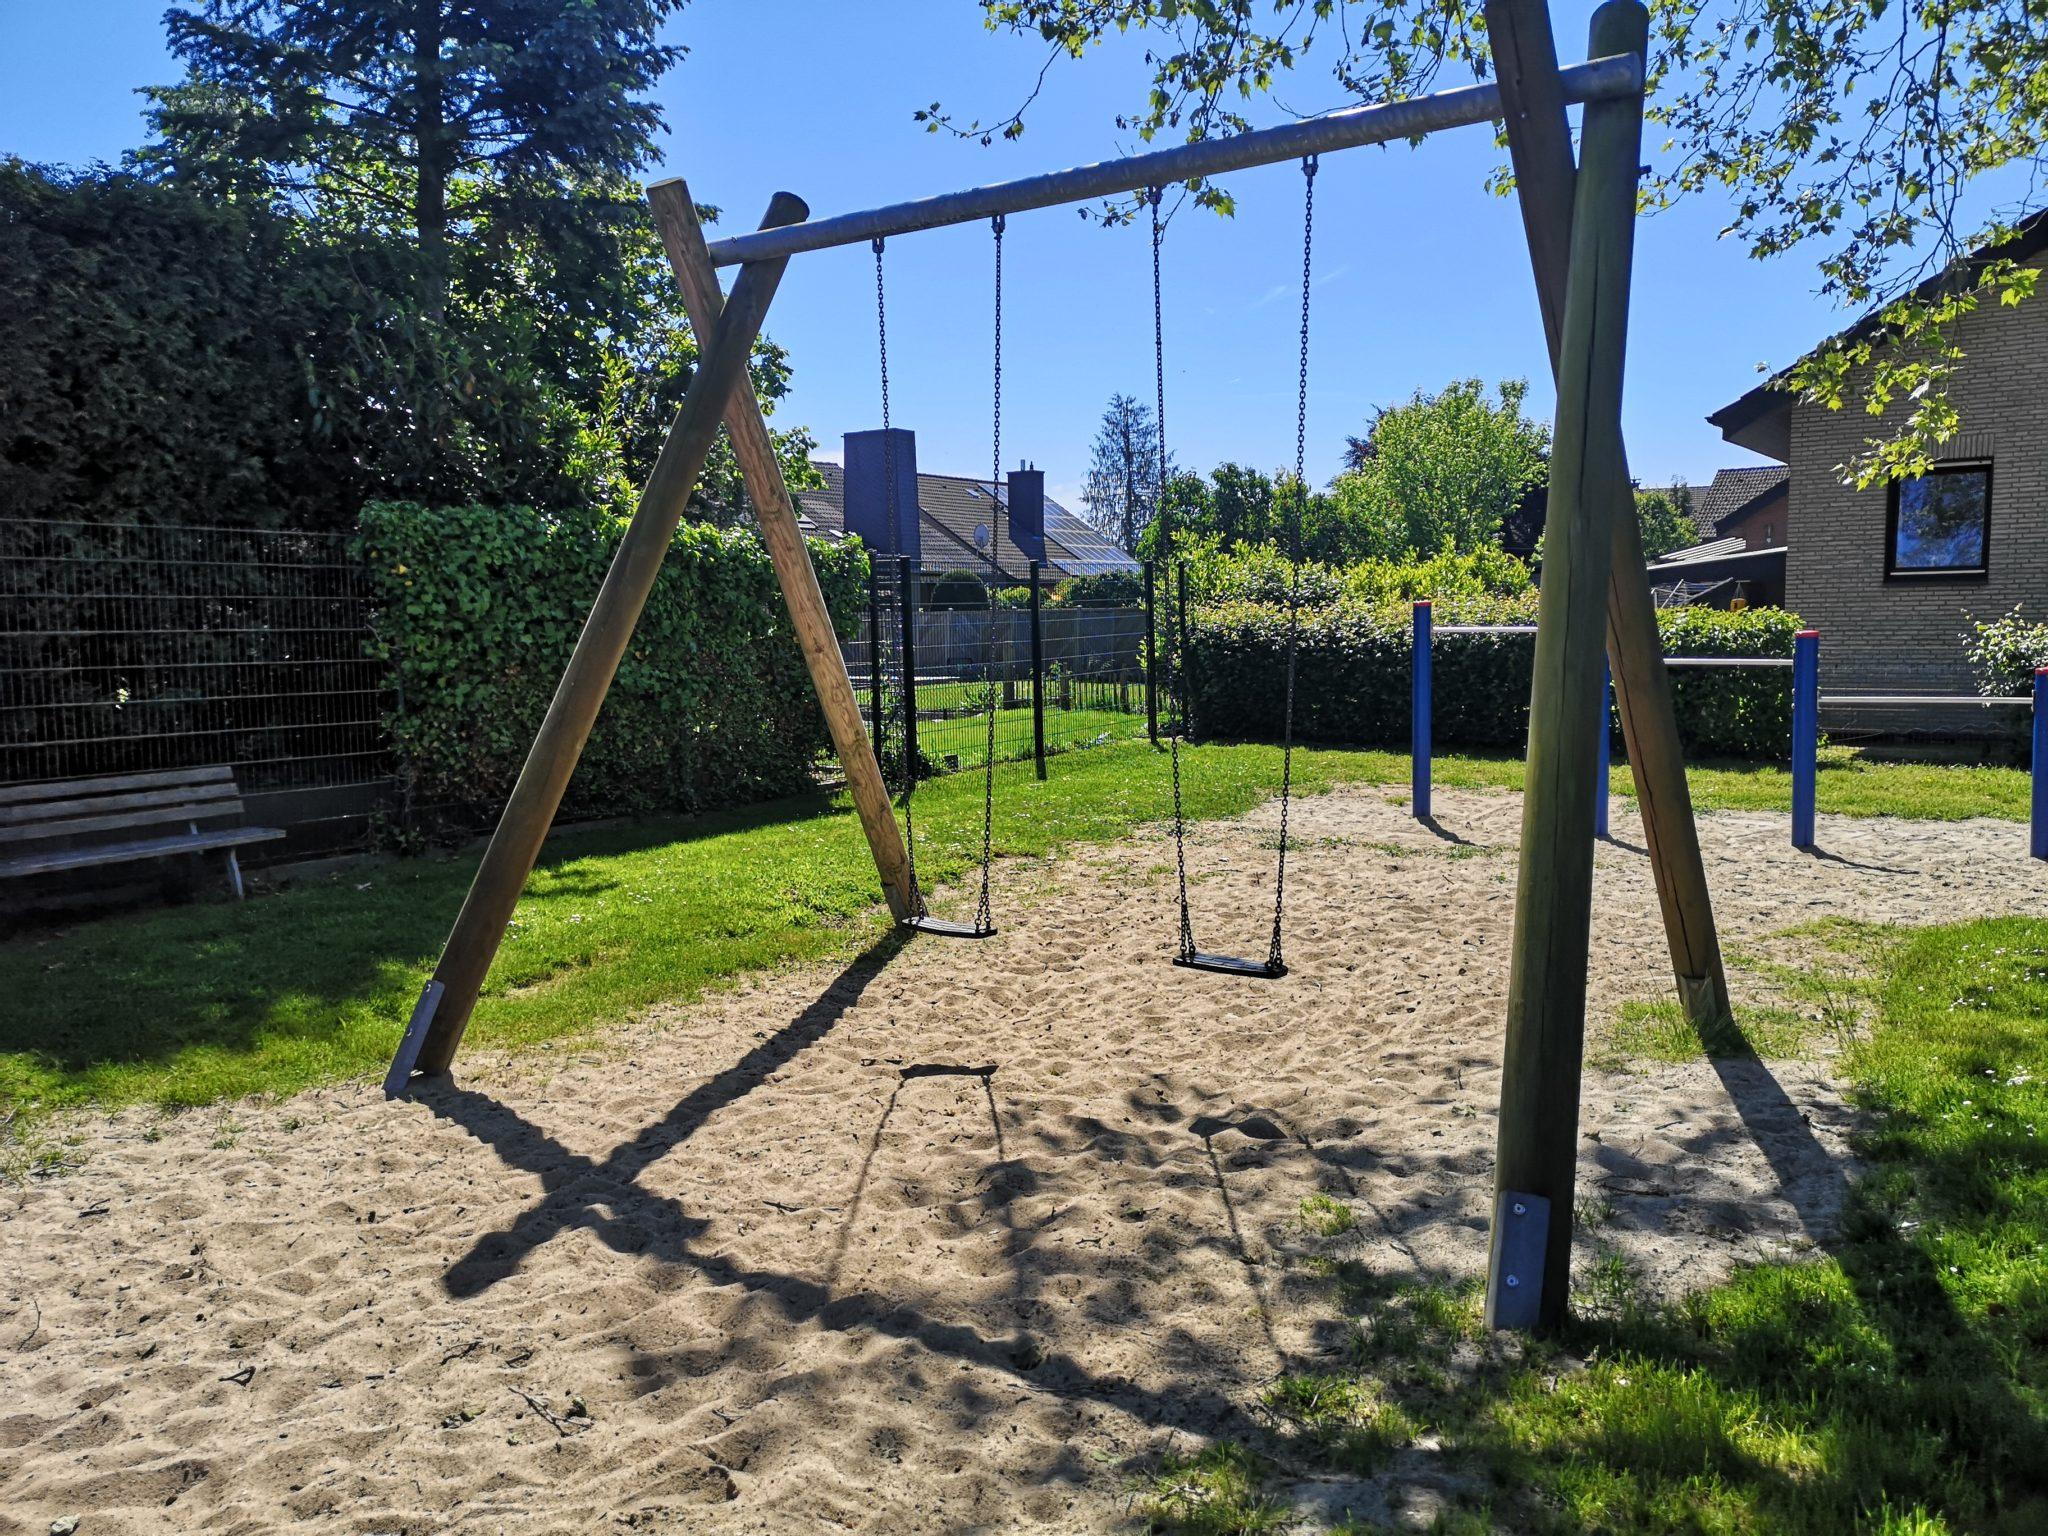 Ansicht Schaukel Spielplatz Erlentrup